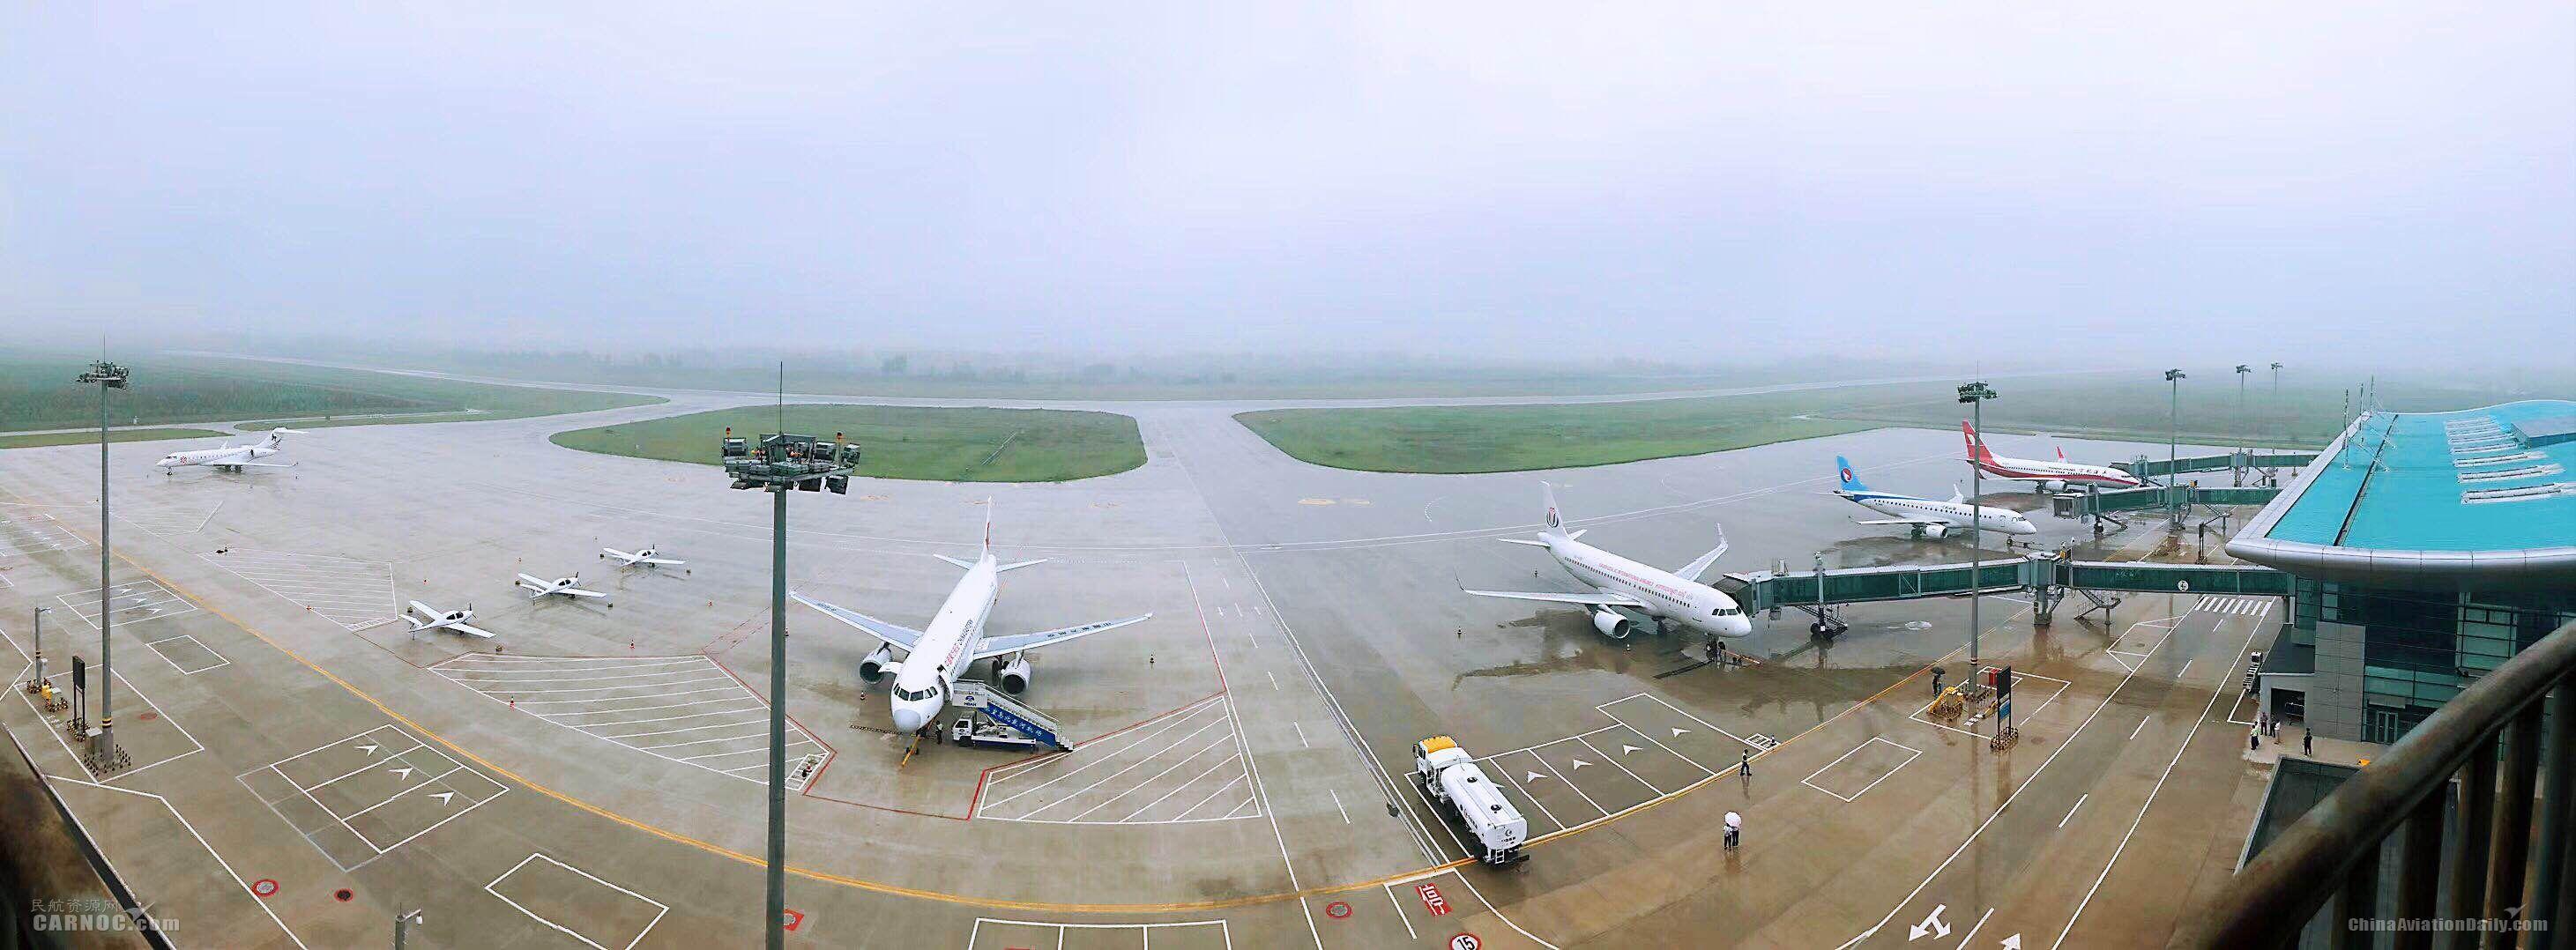 秦皇島機場旅客吞吐量突破41.5萬人次,超去年全年水平